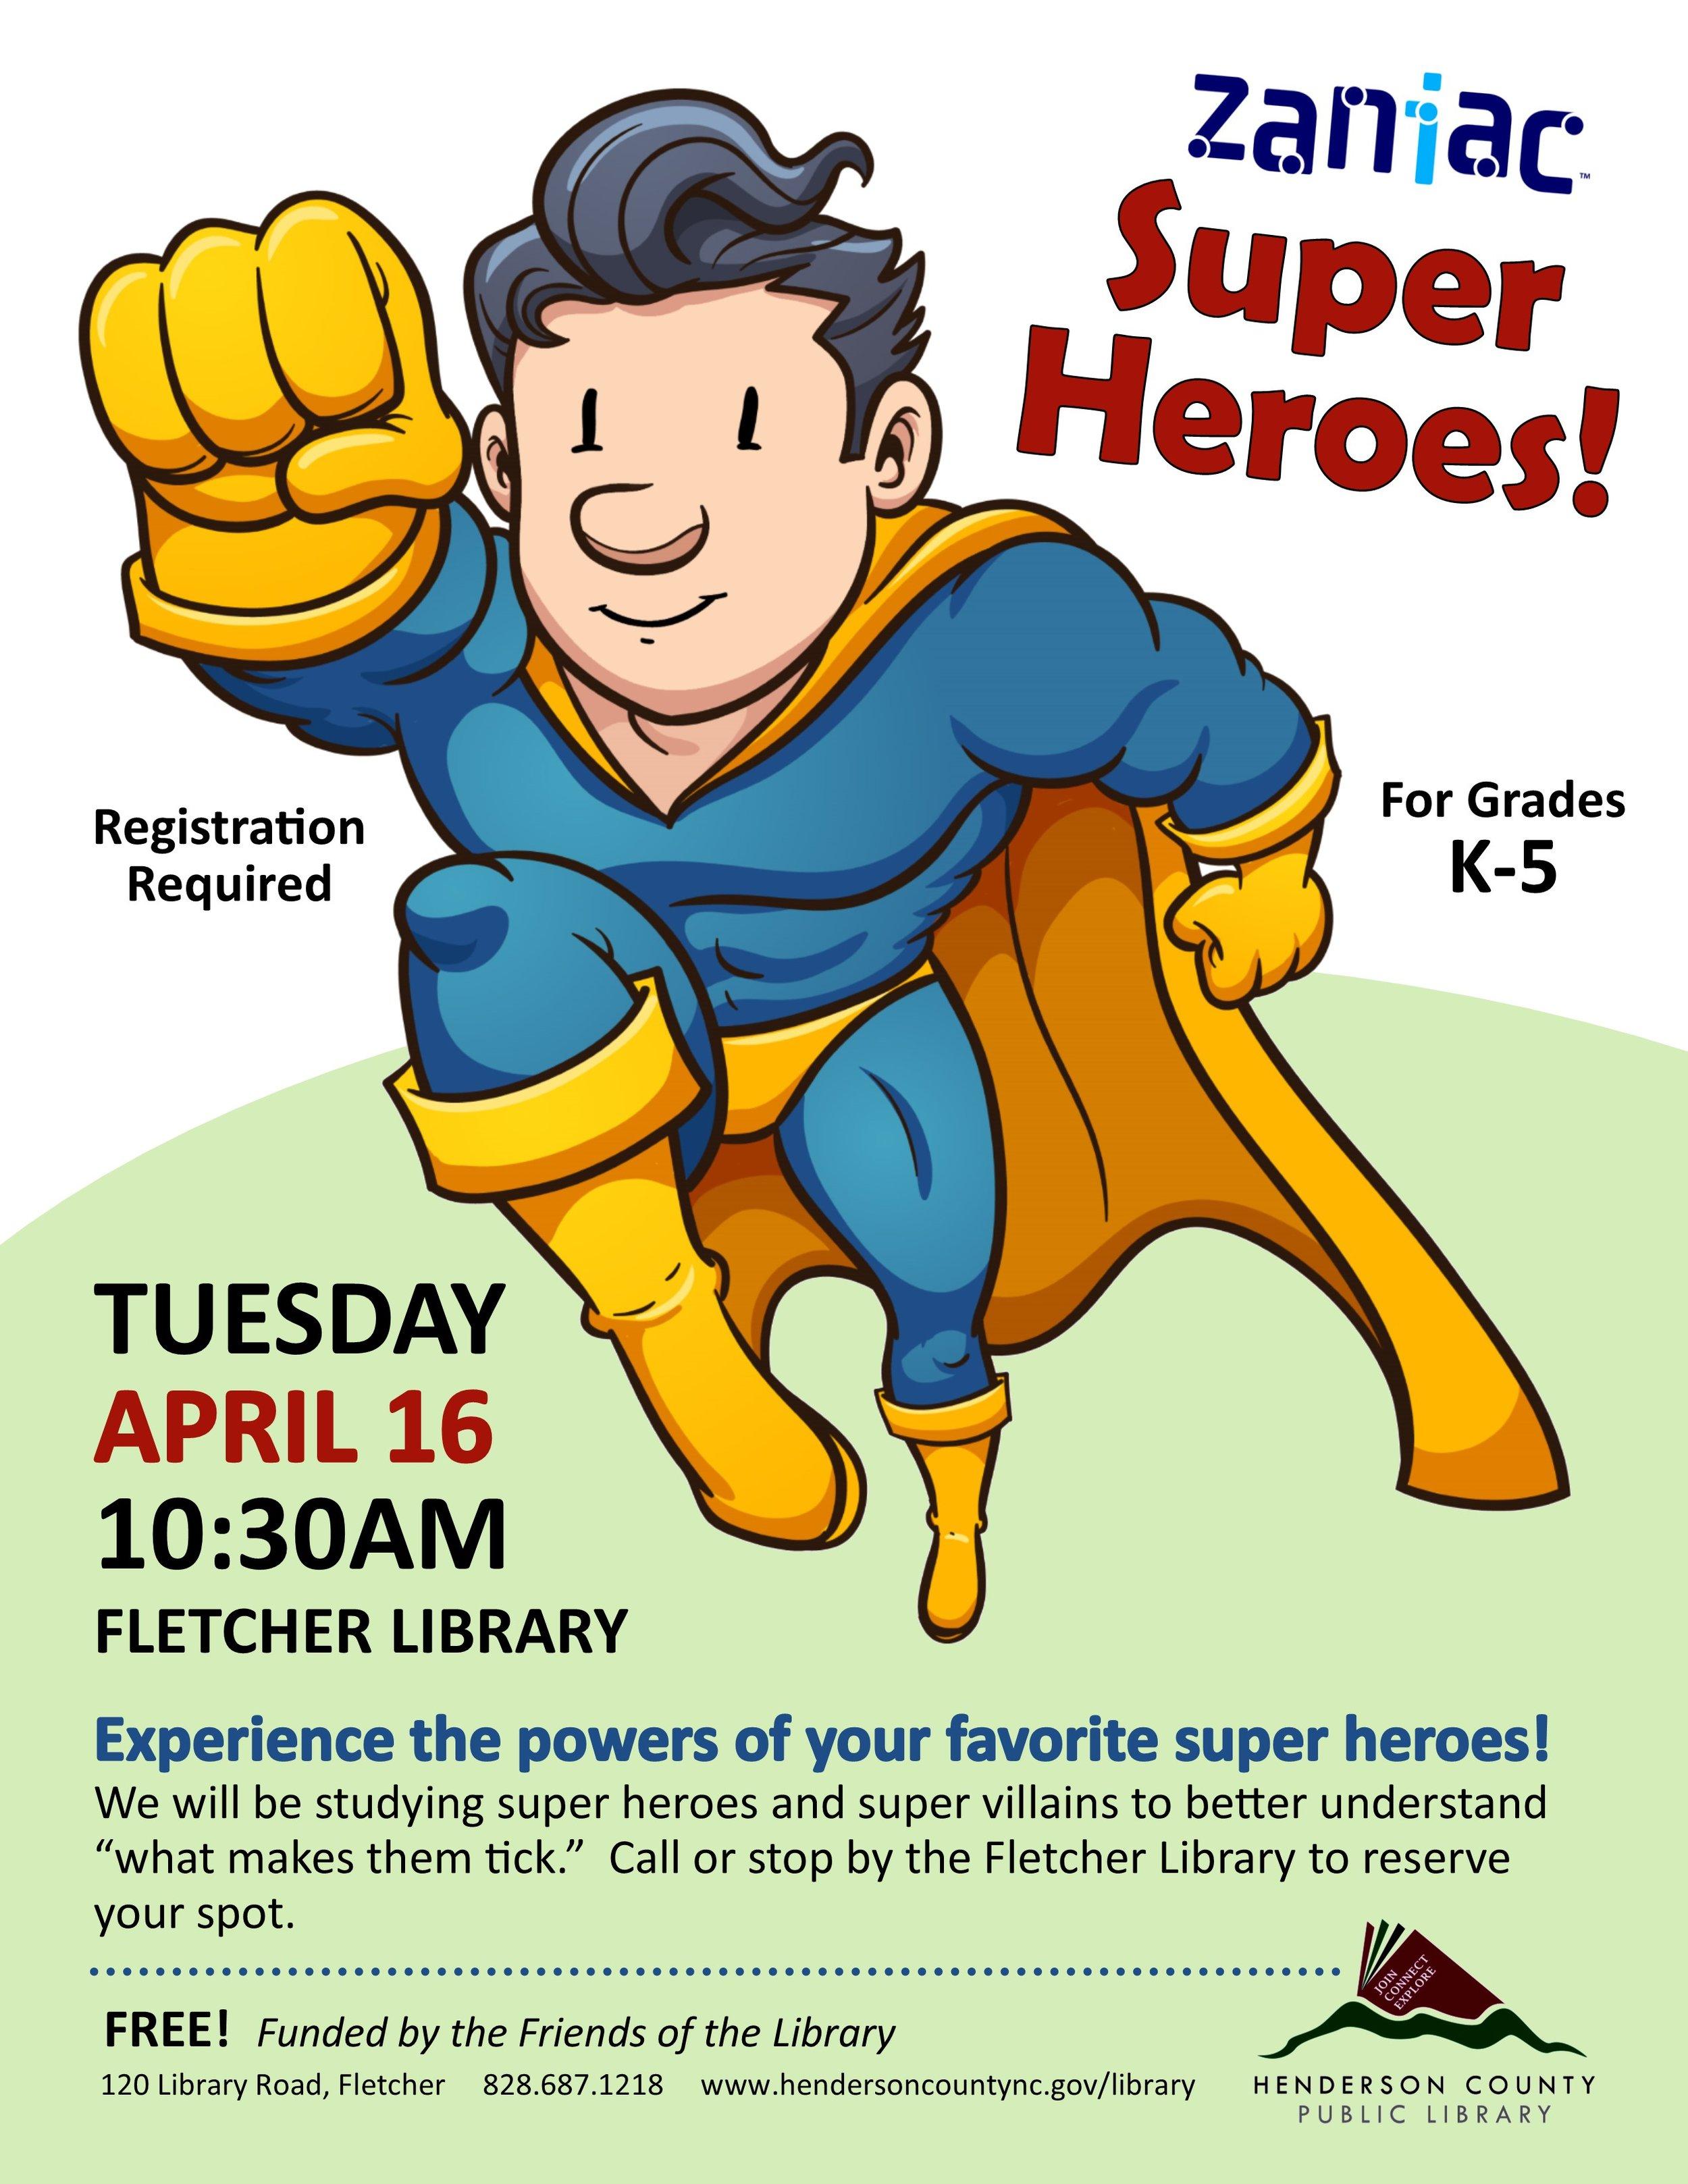 FL- Zaniac Super Heroes.jpg